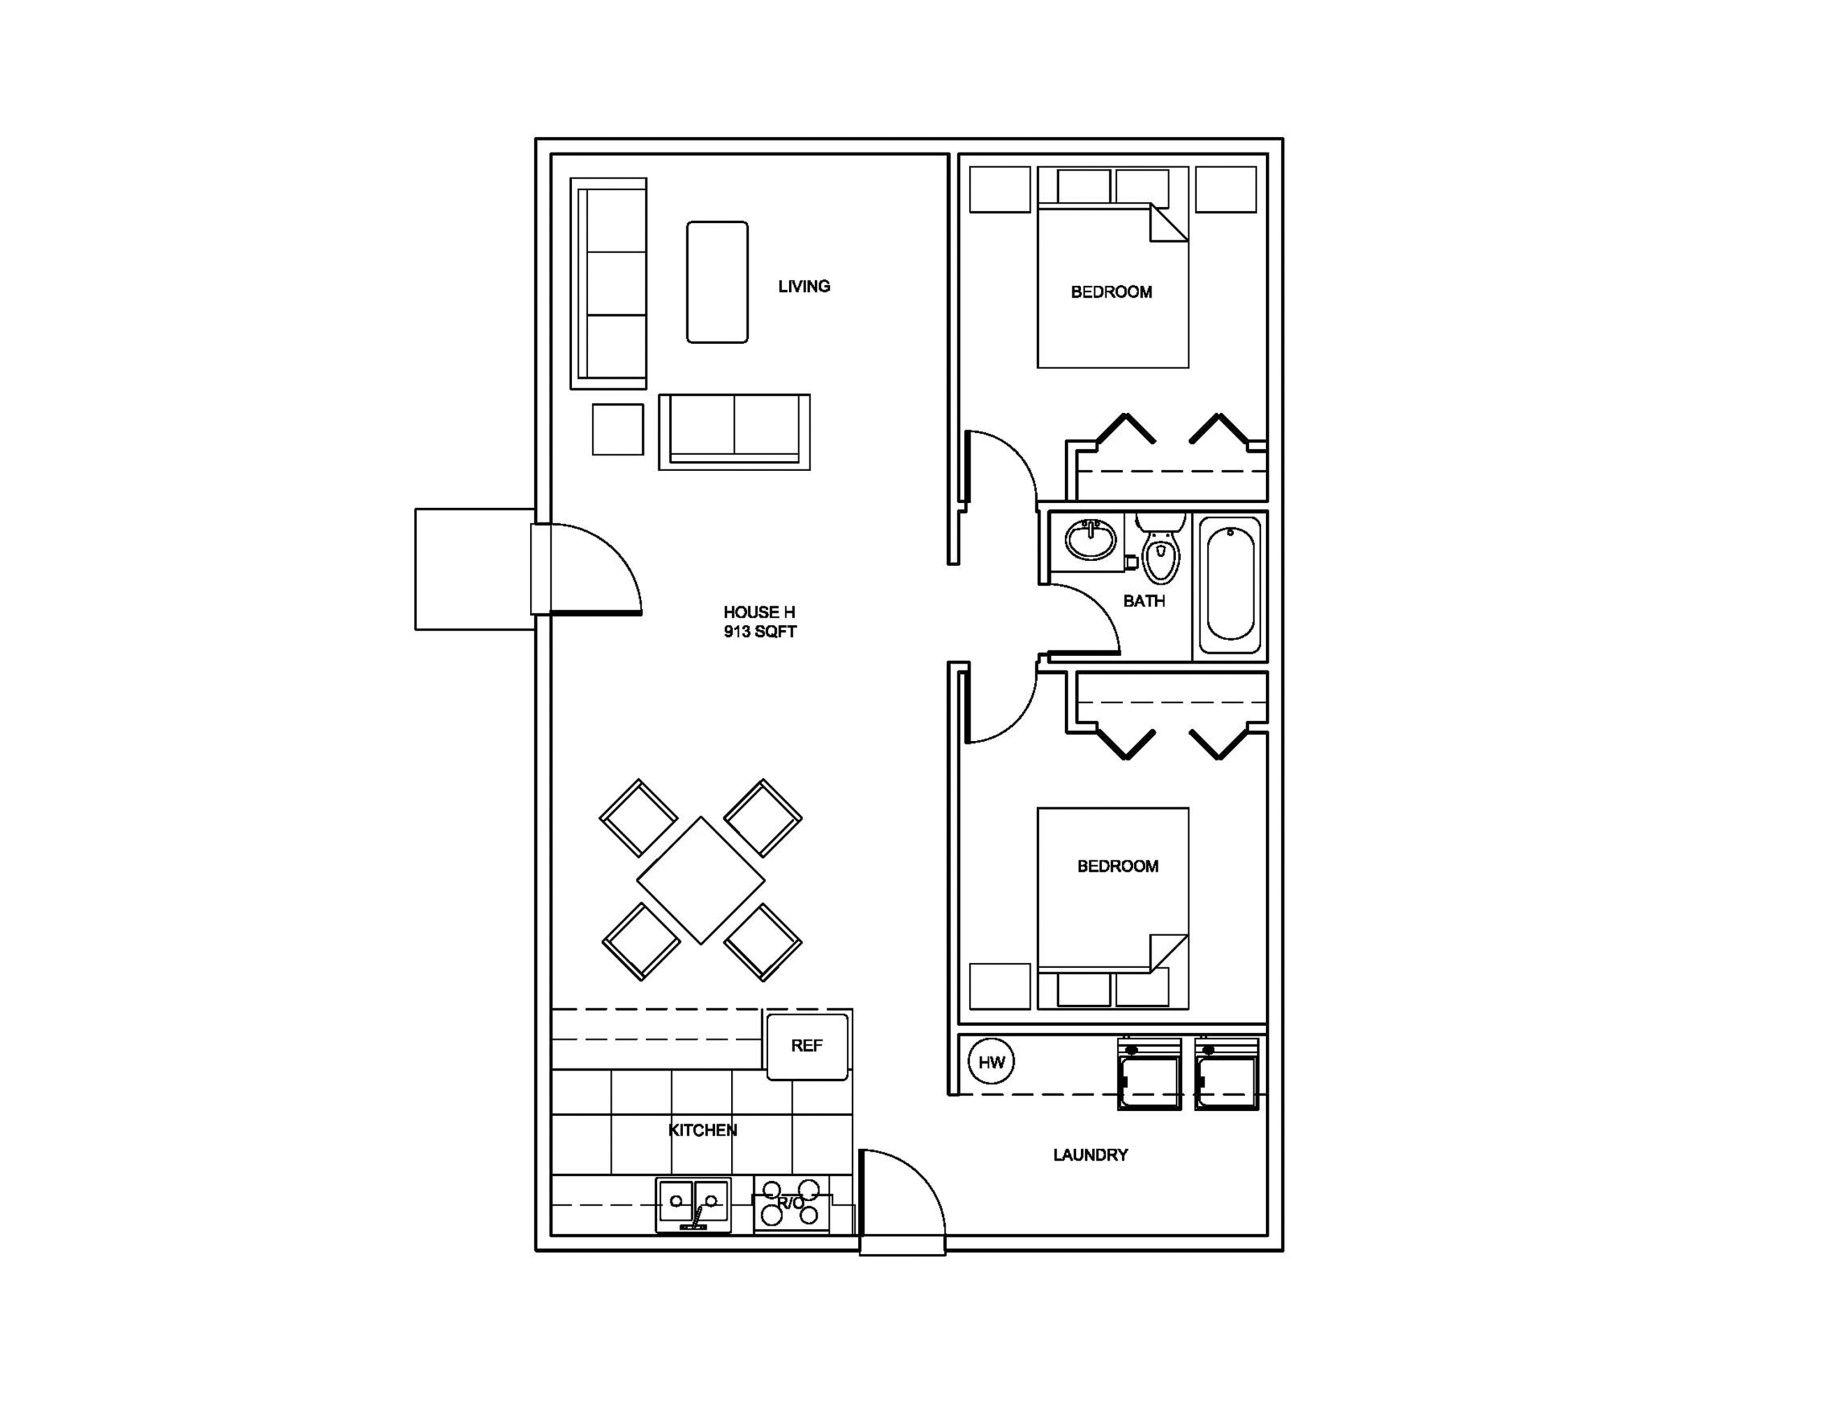 Farm House Small house plans, Small house floor plans